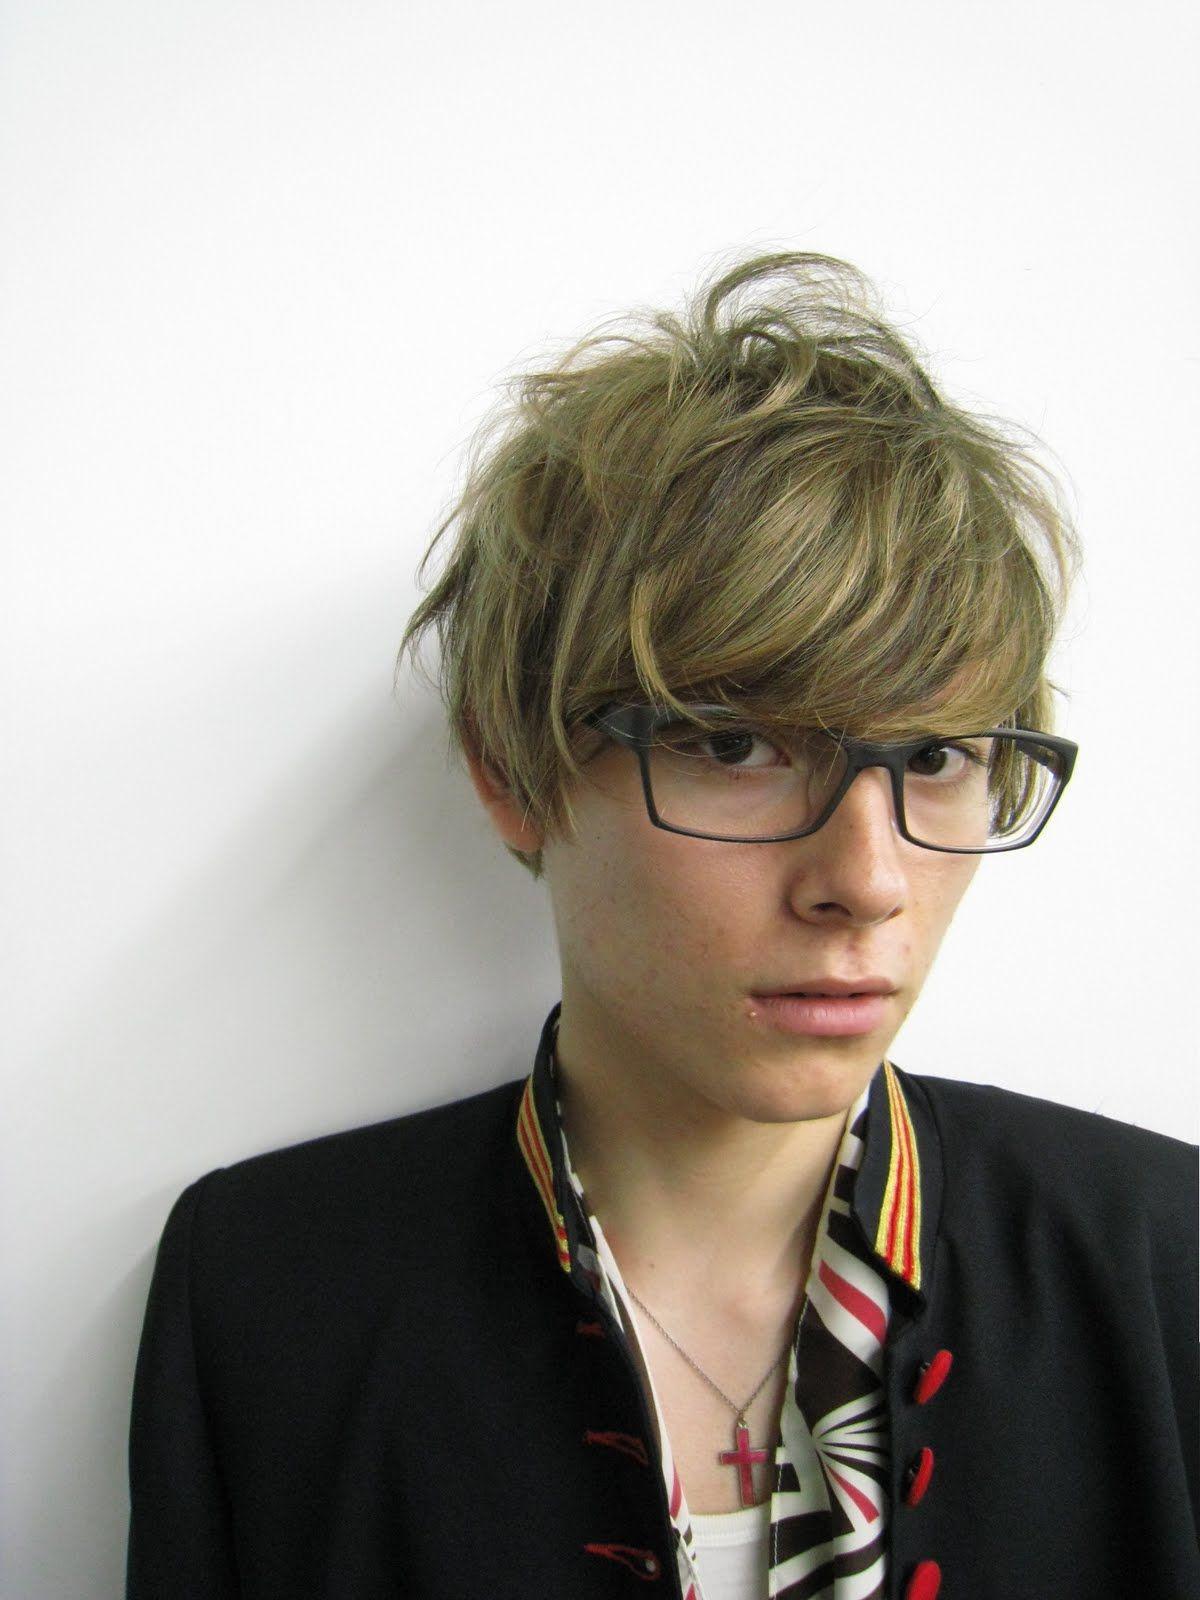 髪型 メンズ Google 検索 髪型 メンズ 髪型 ヘアースタイル